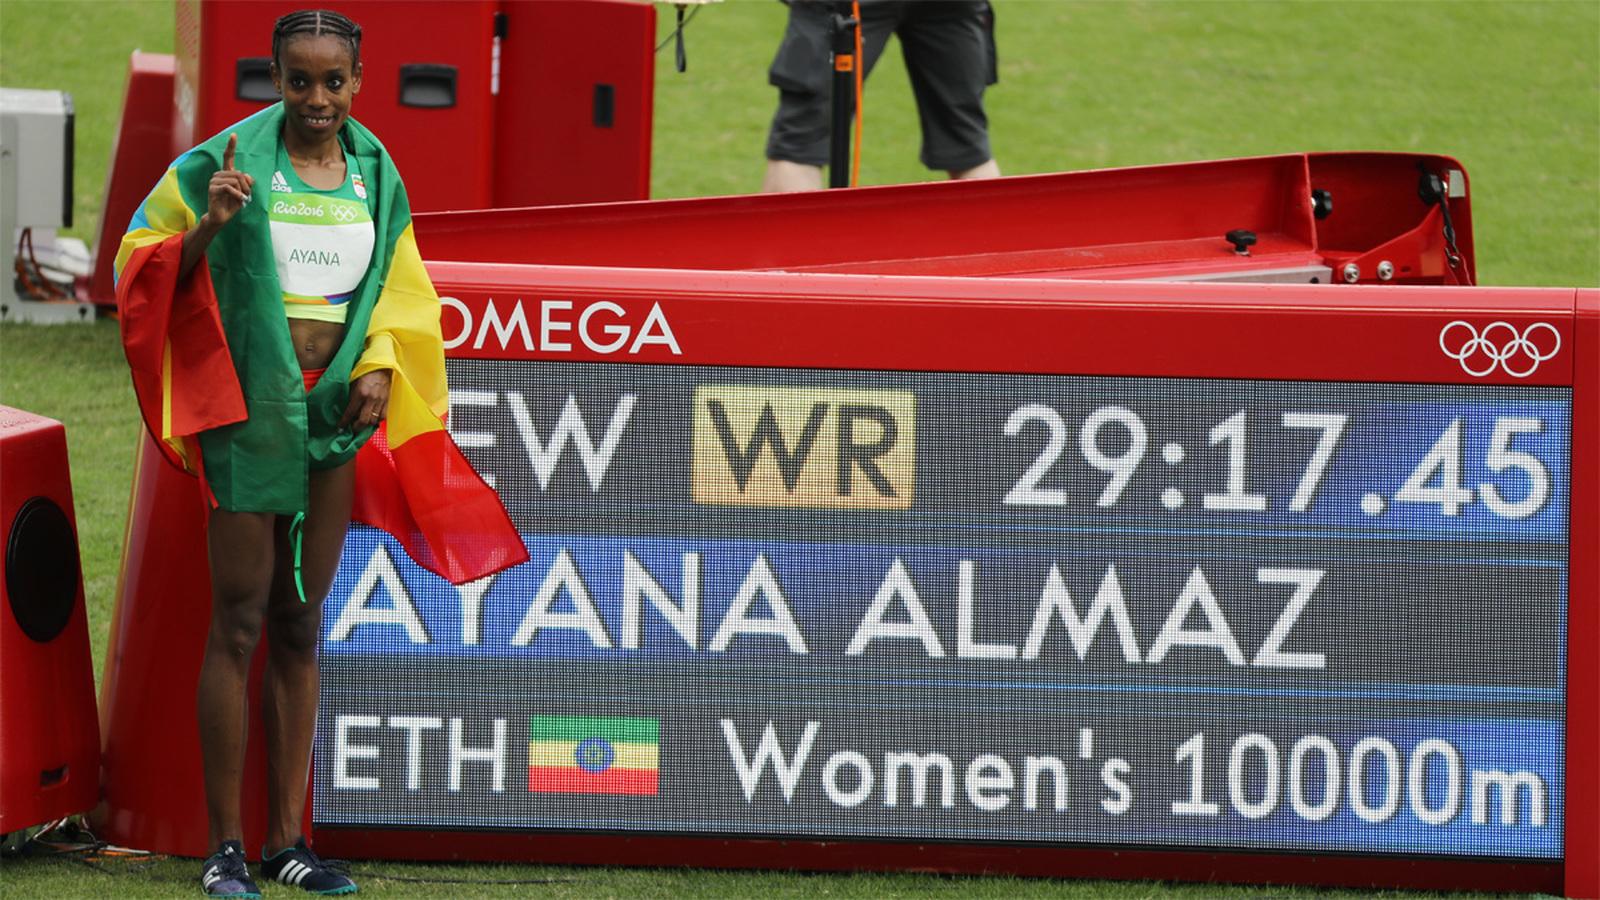 Эфиопка Алмаз Аяна завоевала золото на дистанции 10000 м, установив новый мировой рекорд